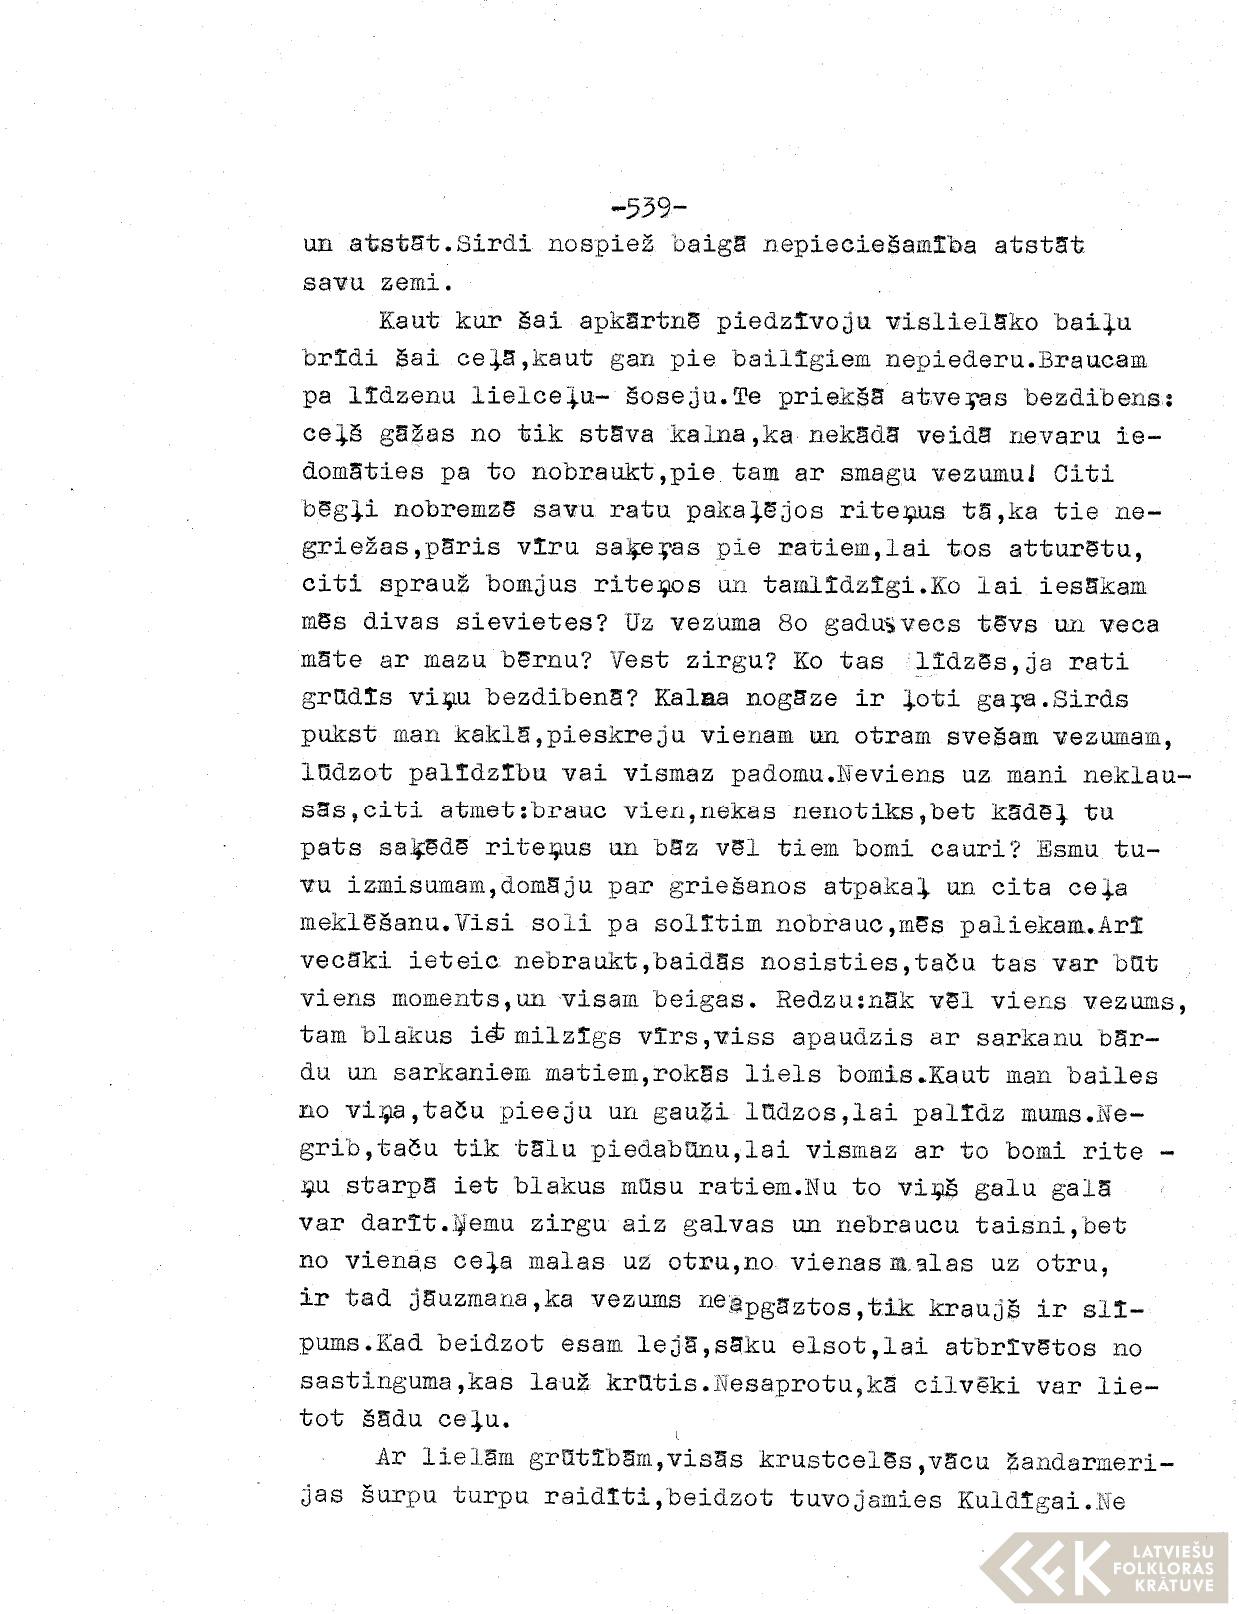 Ak198-Marijas-Berzinas-atminas-01-0580